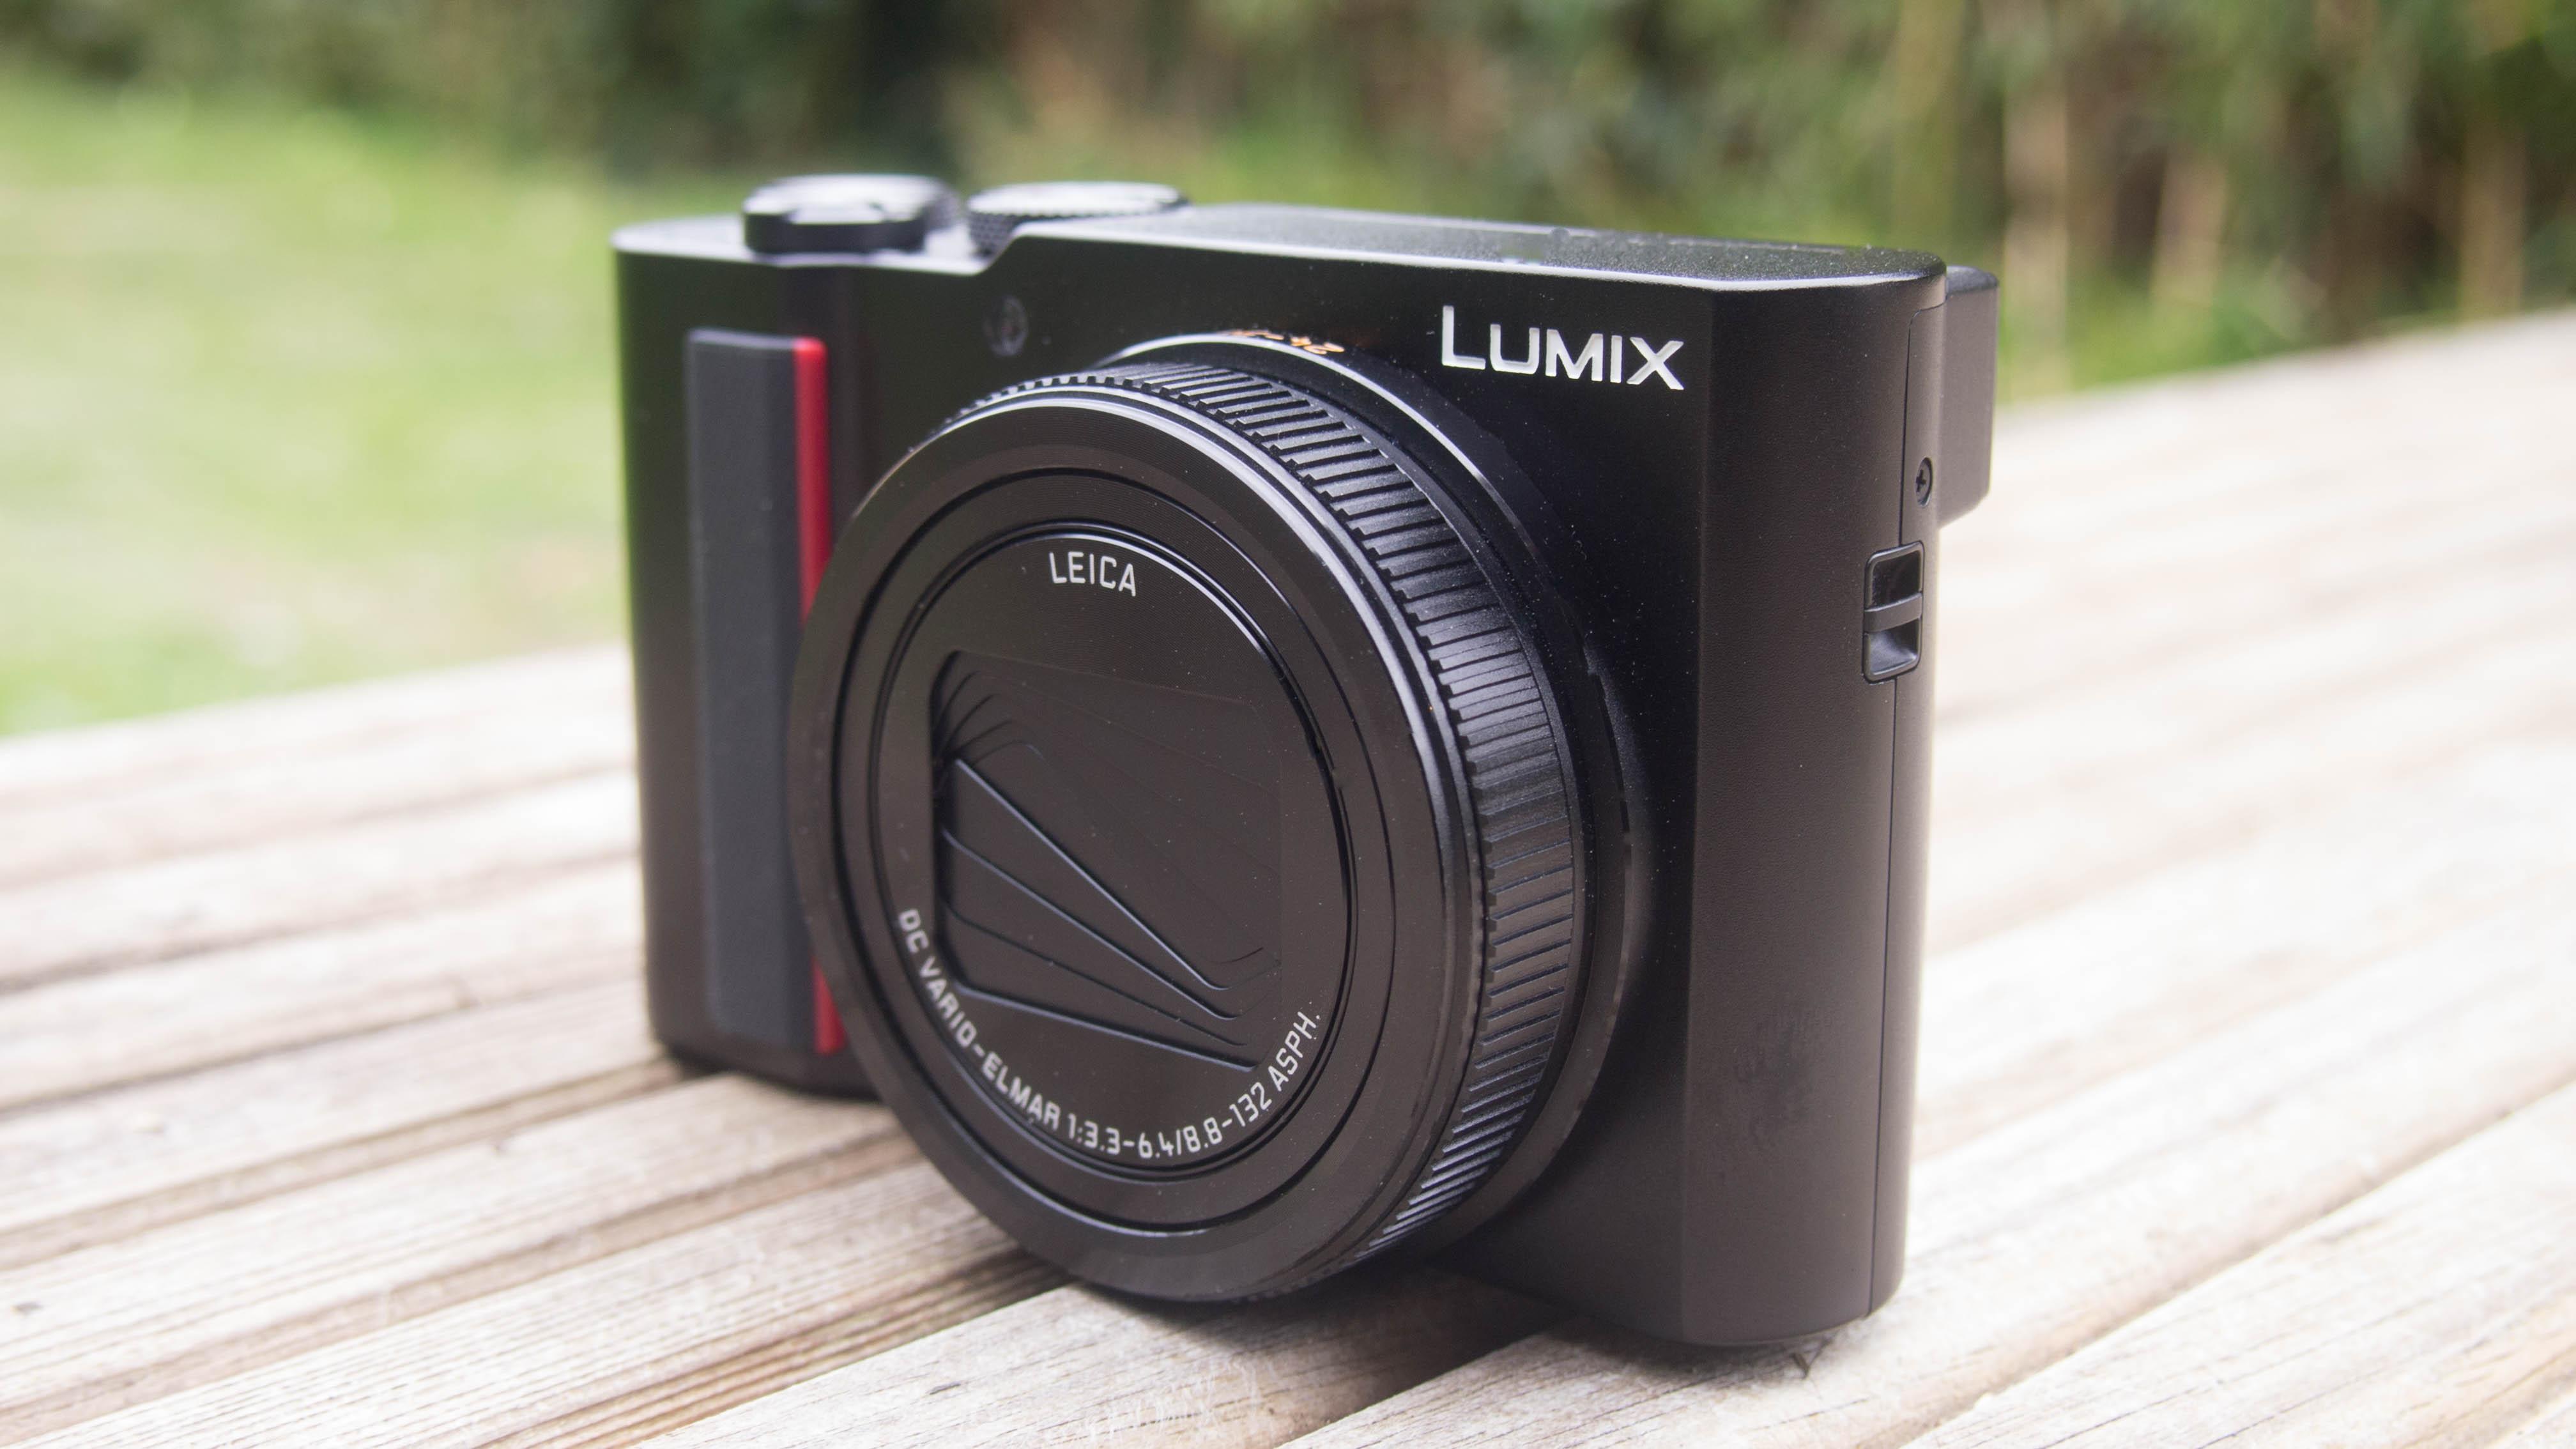 Panasonic Lumix TZ200 ZS200 review - | Cameralabs